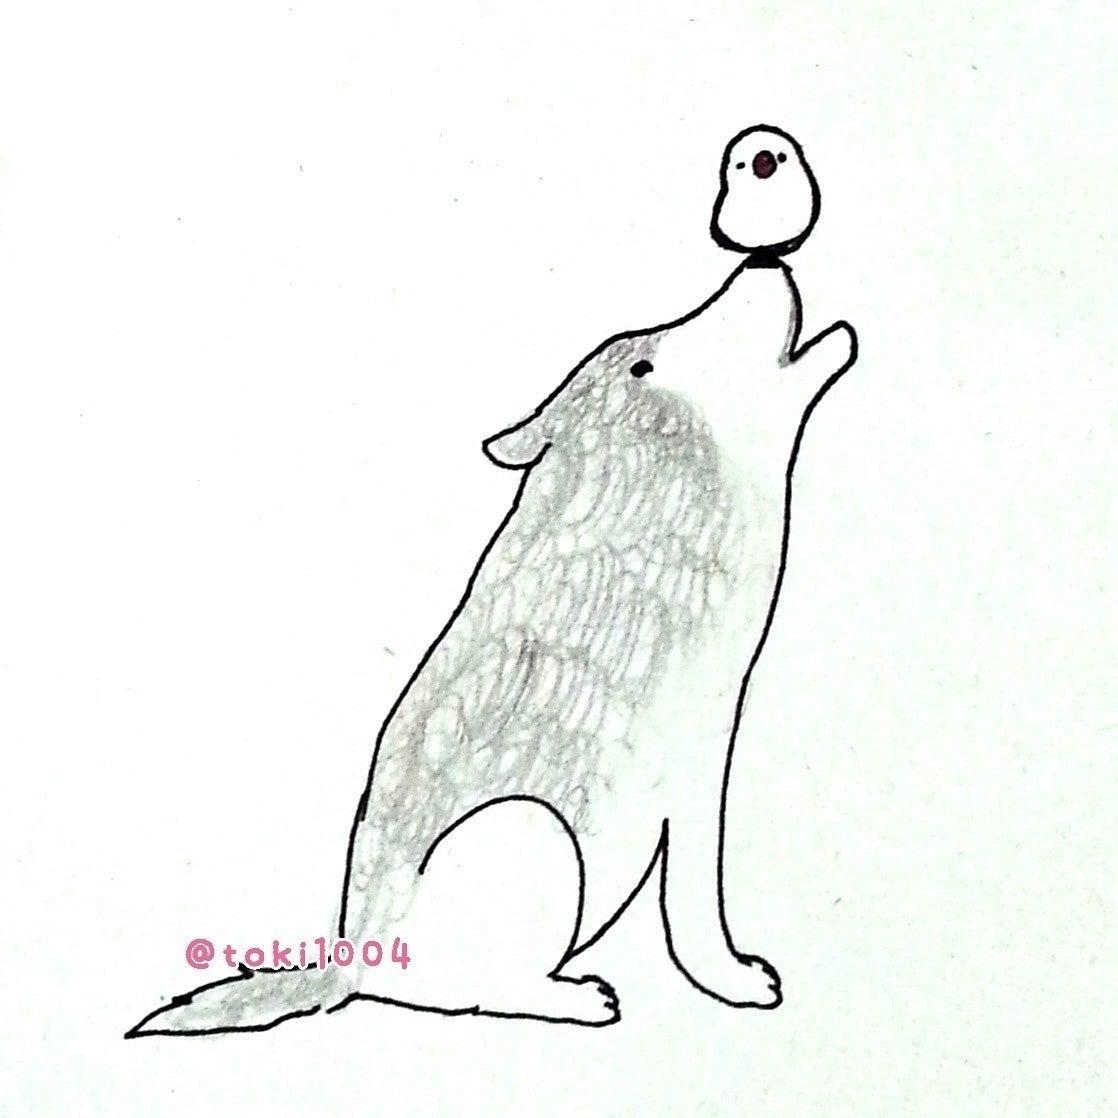 オオカミと文鳥 絵 イラスト イラストレーター お絵描き ドローイング 一発描き ボールペン 文鳥 オオカミ ミスマッチな組み合わせ 逆にかわいい とき 10 24 25鳥フェス大阪 Note